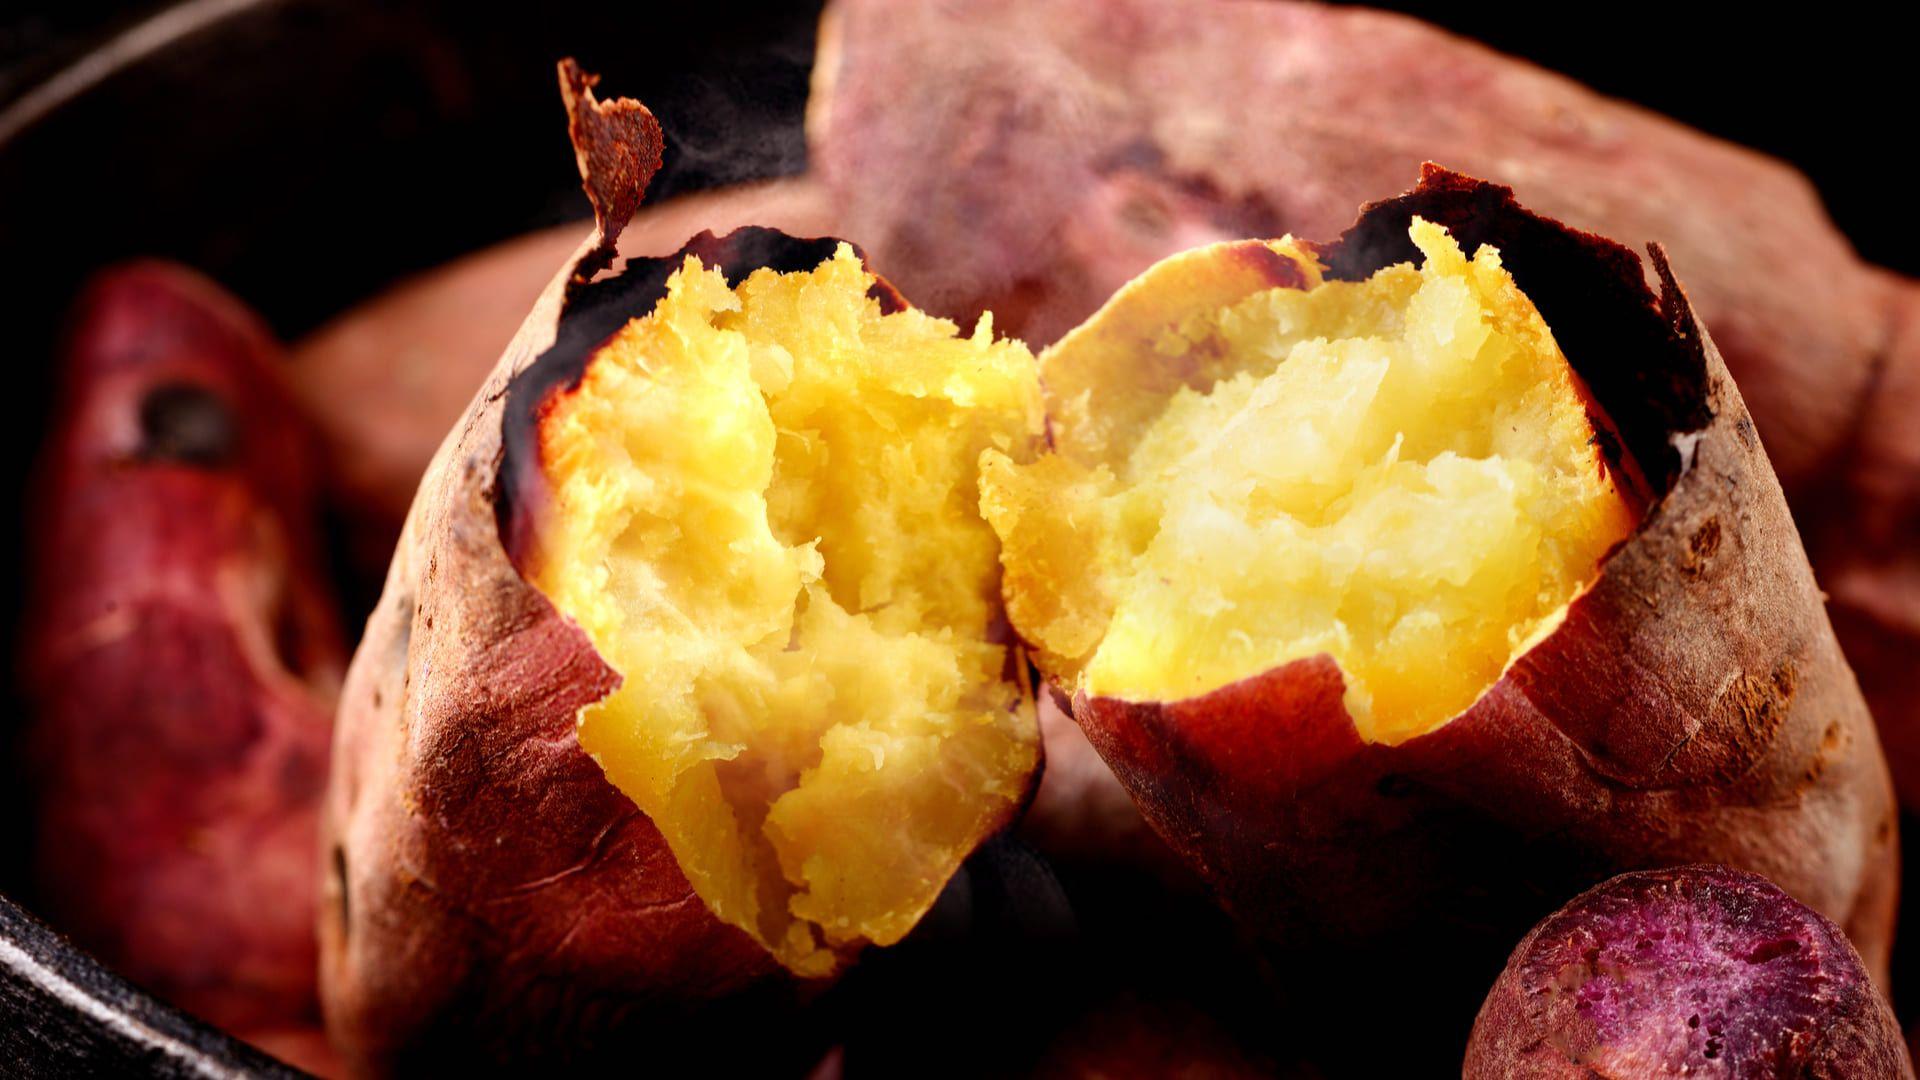 Confira nossa receita de como fazer batata doce no micro-ondas! (Imagem: Reprodução/Shutterstock)